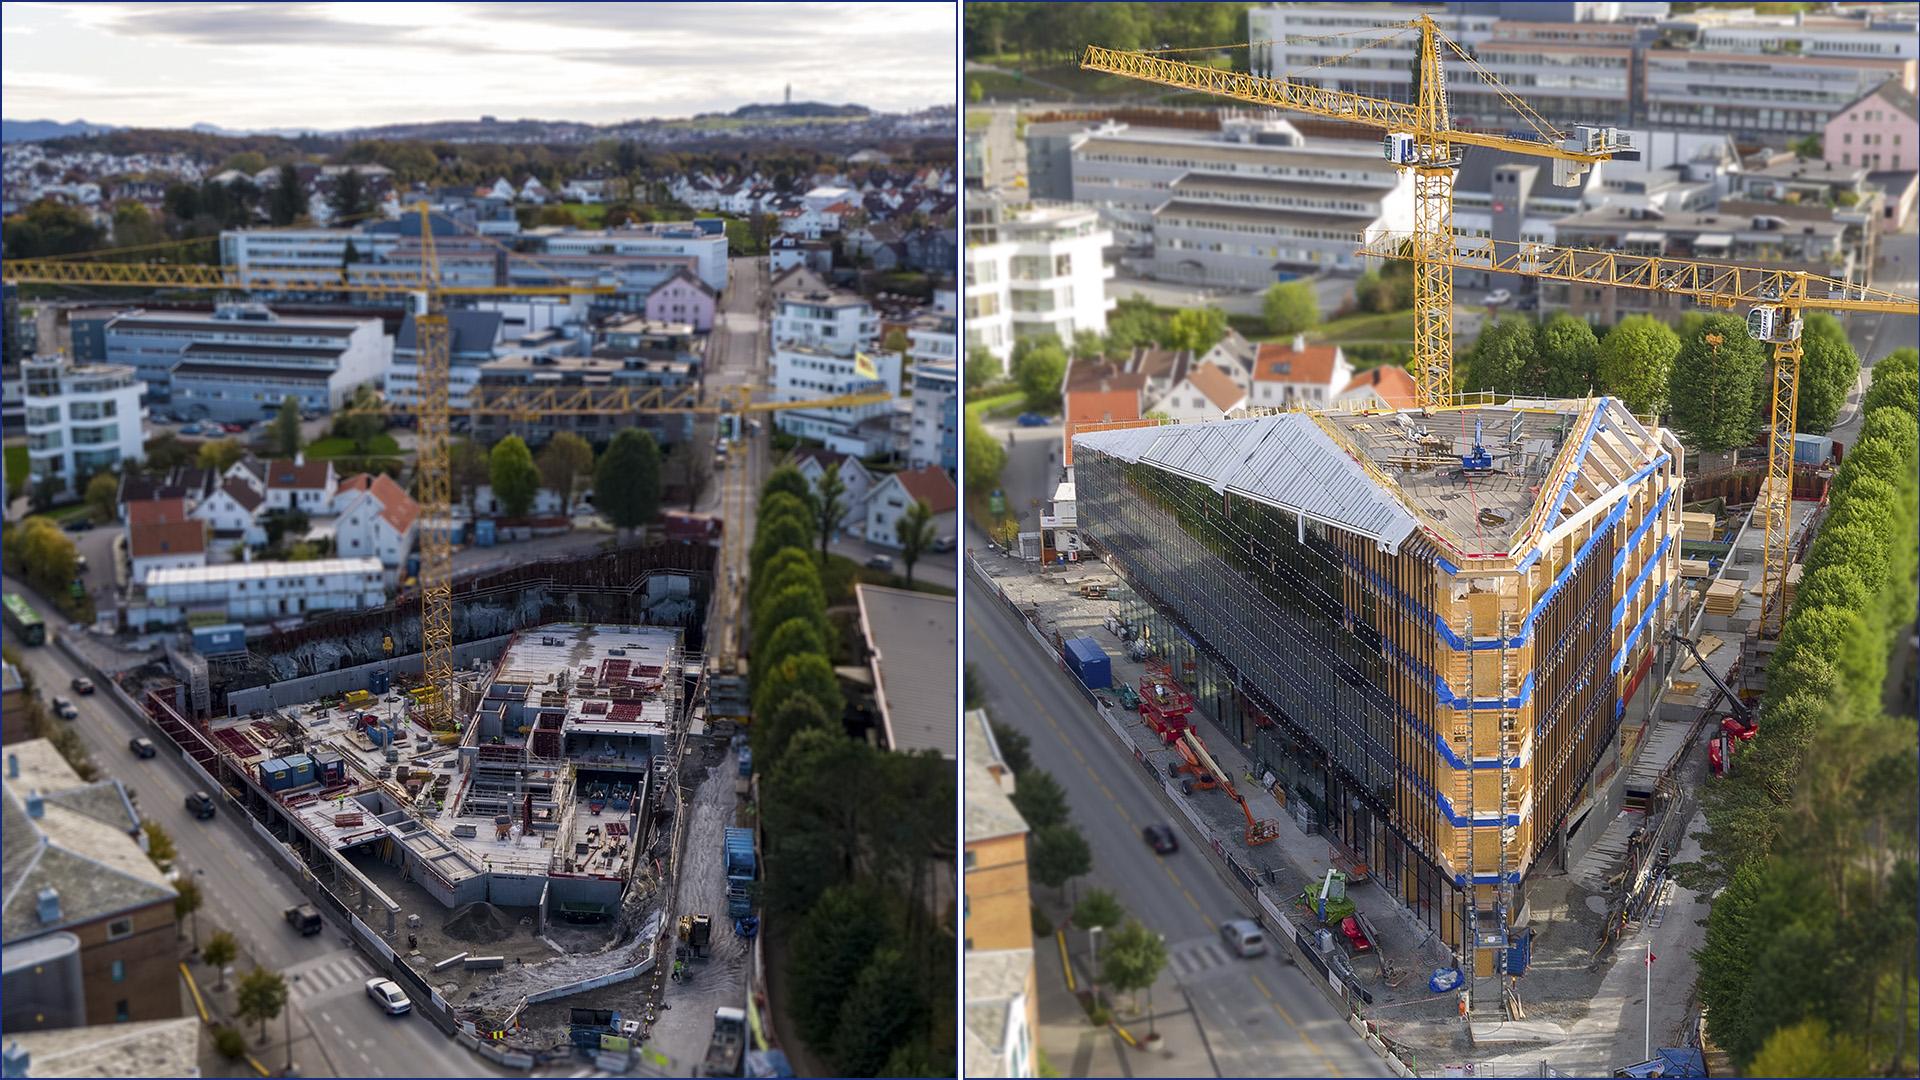 Bildene er tatt tirsdag 7. august 2018 (til høyre) og 27. oktober 2017 (til venstre). Foto: Aeroview/3D4D.no